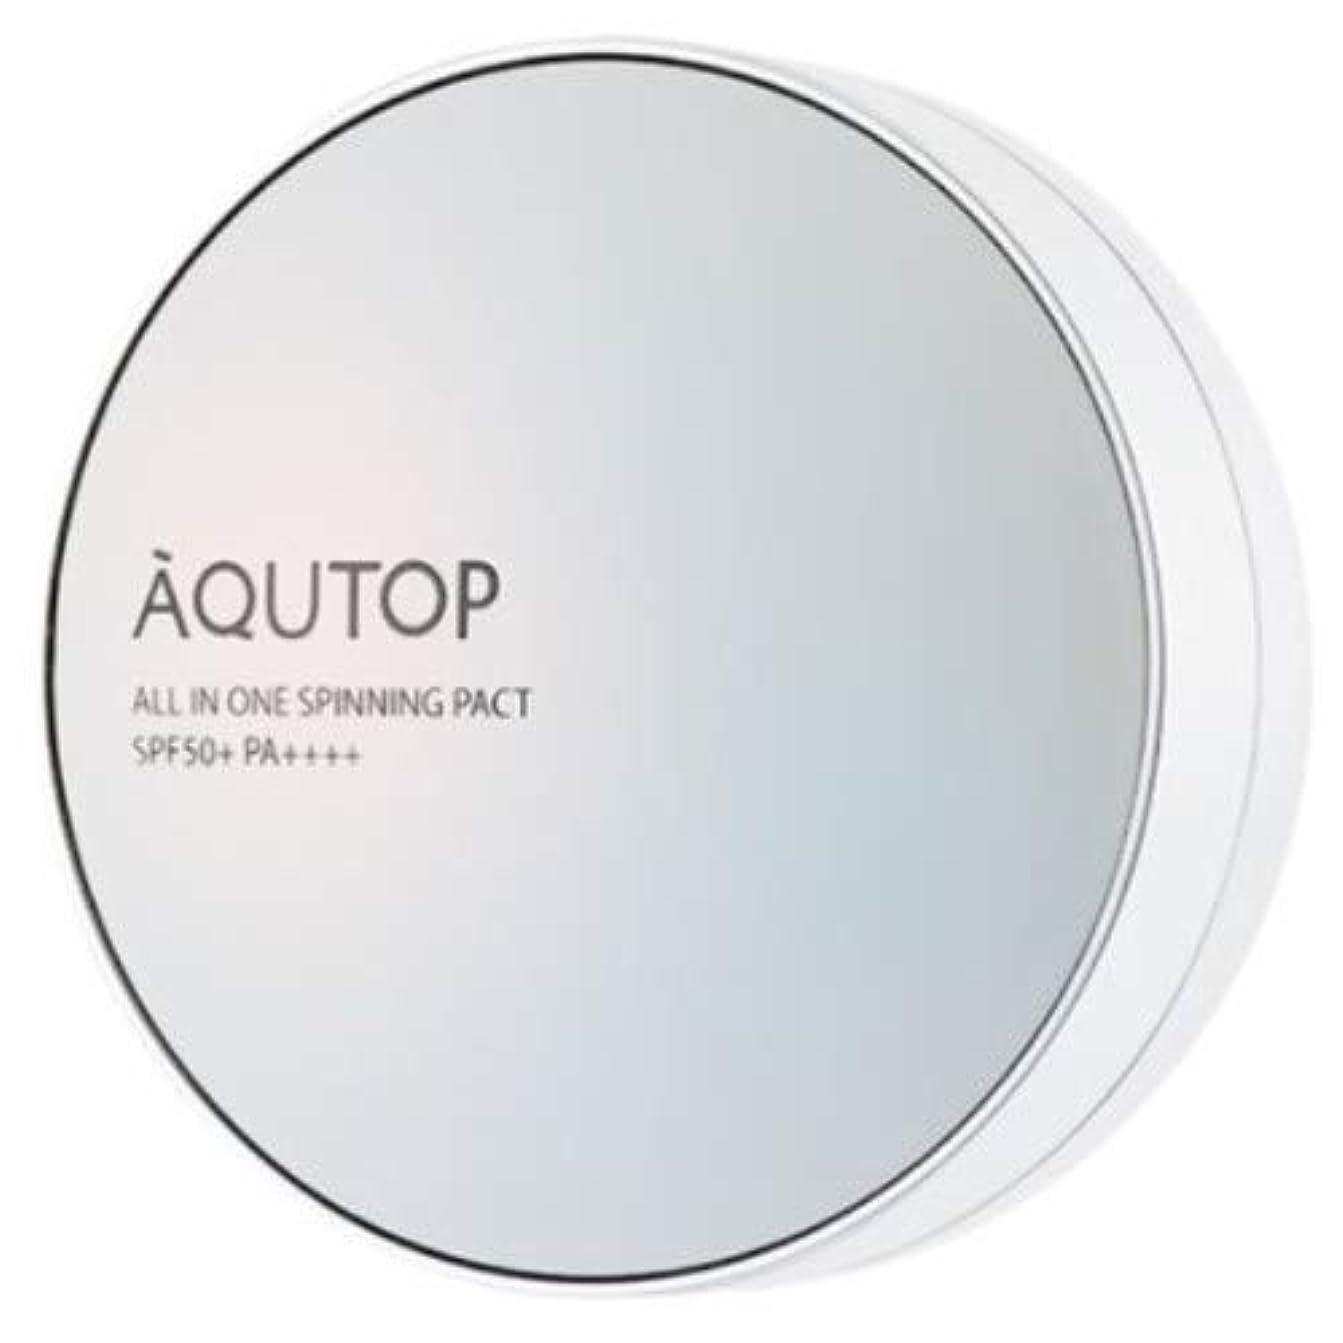 小包商業の弱い[AQUTOP] アクタップオールインワンスピニングファクト SPF 50+ PA ++++ / AQUTOP ALL IN ONE SPINNING PACT [並行輸入品] (21号 ライトベージュ)